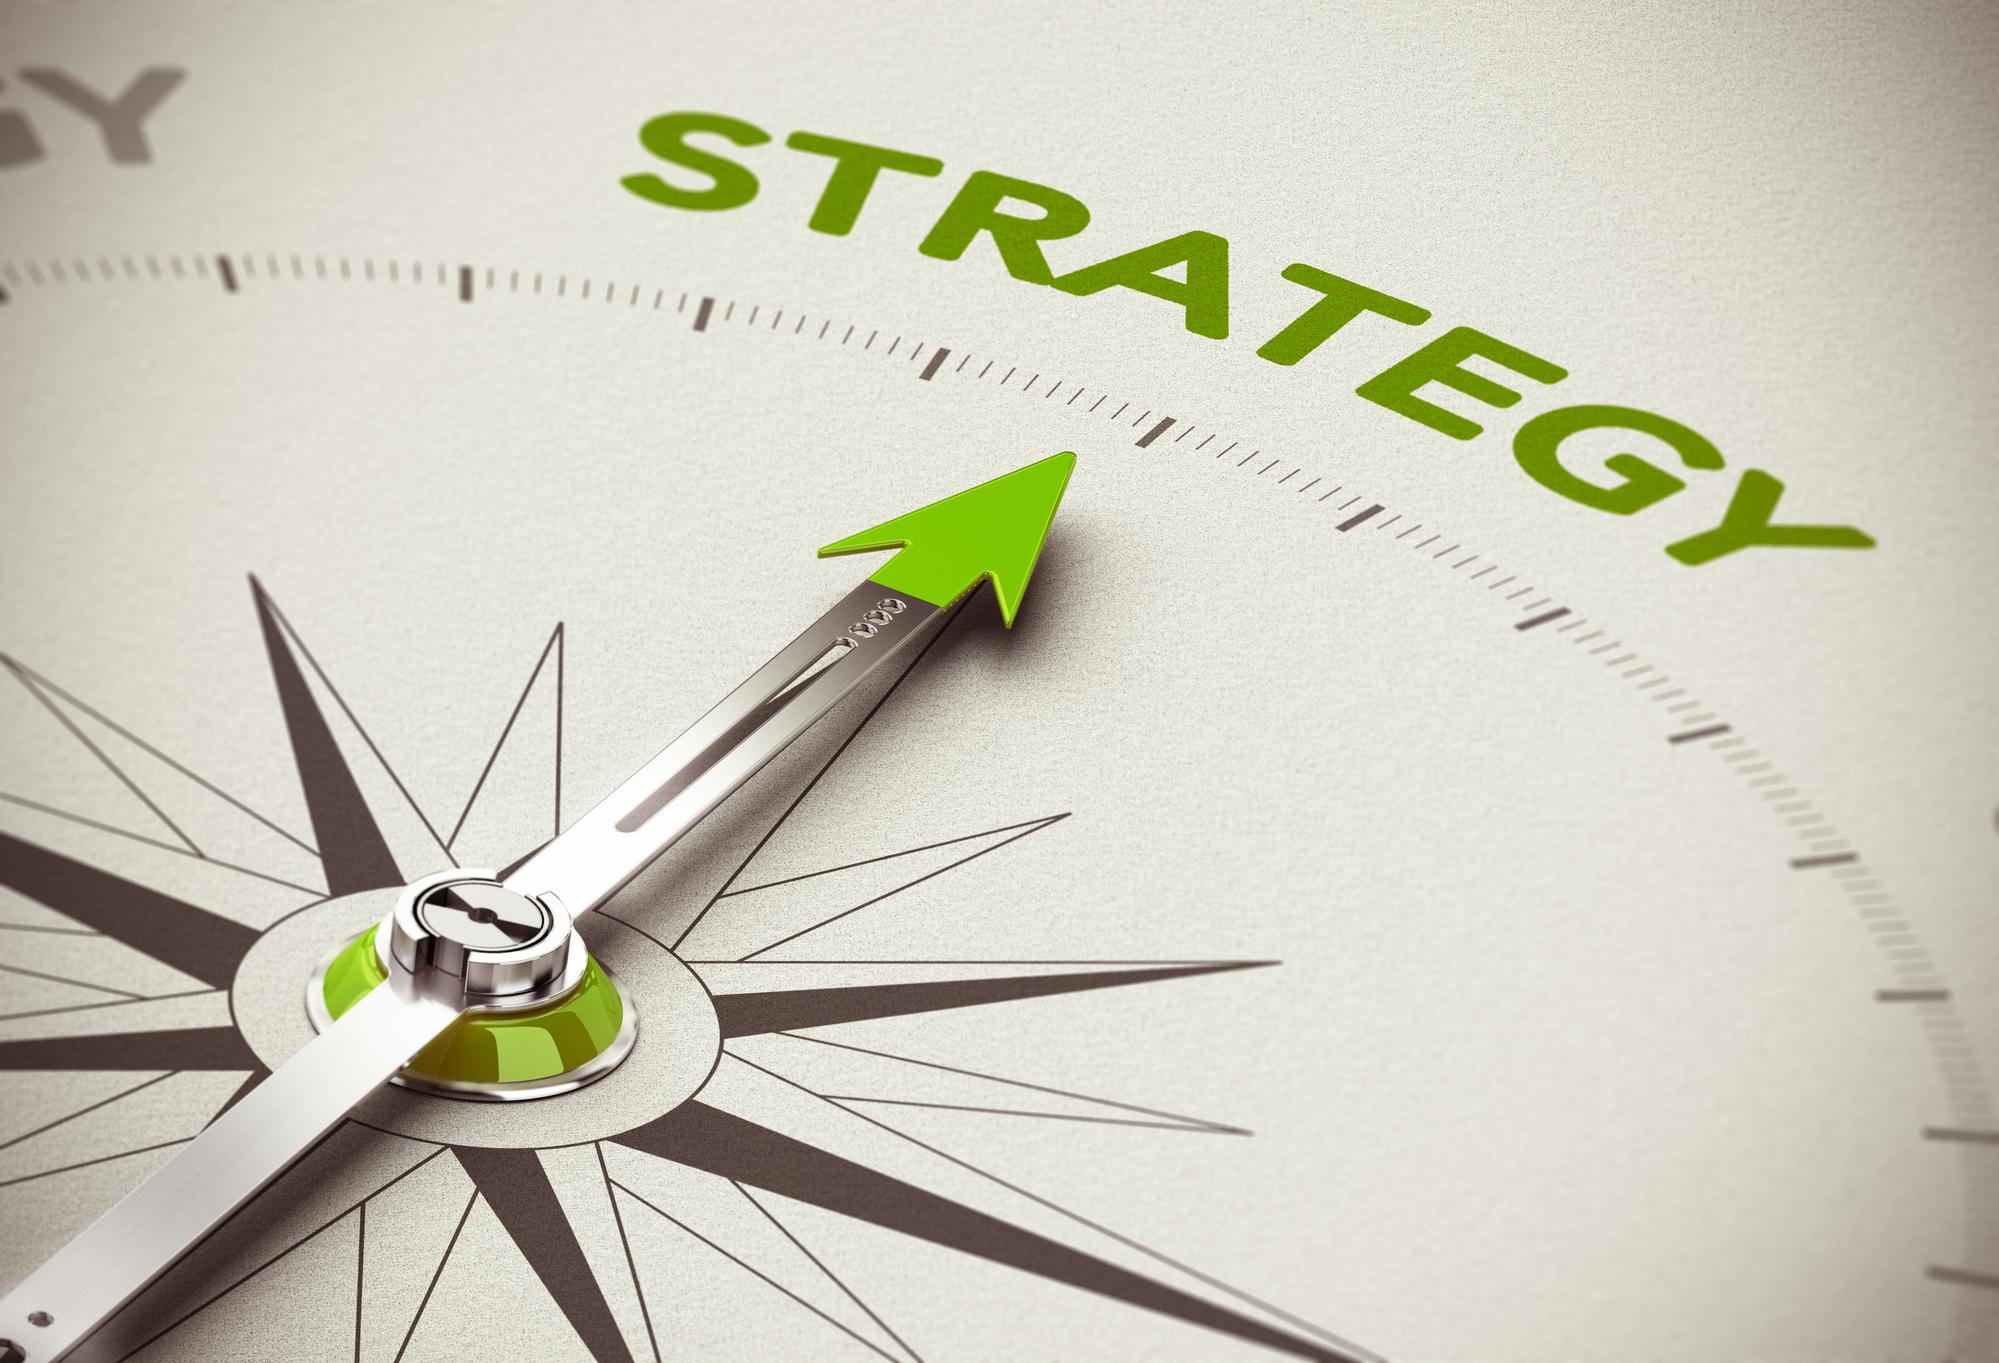 Immobilien-Investments: Meine Strategie, um schnell zu wachsen